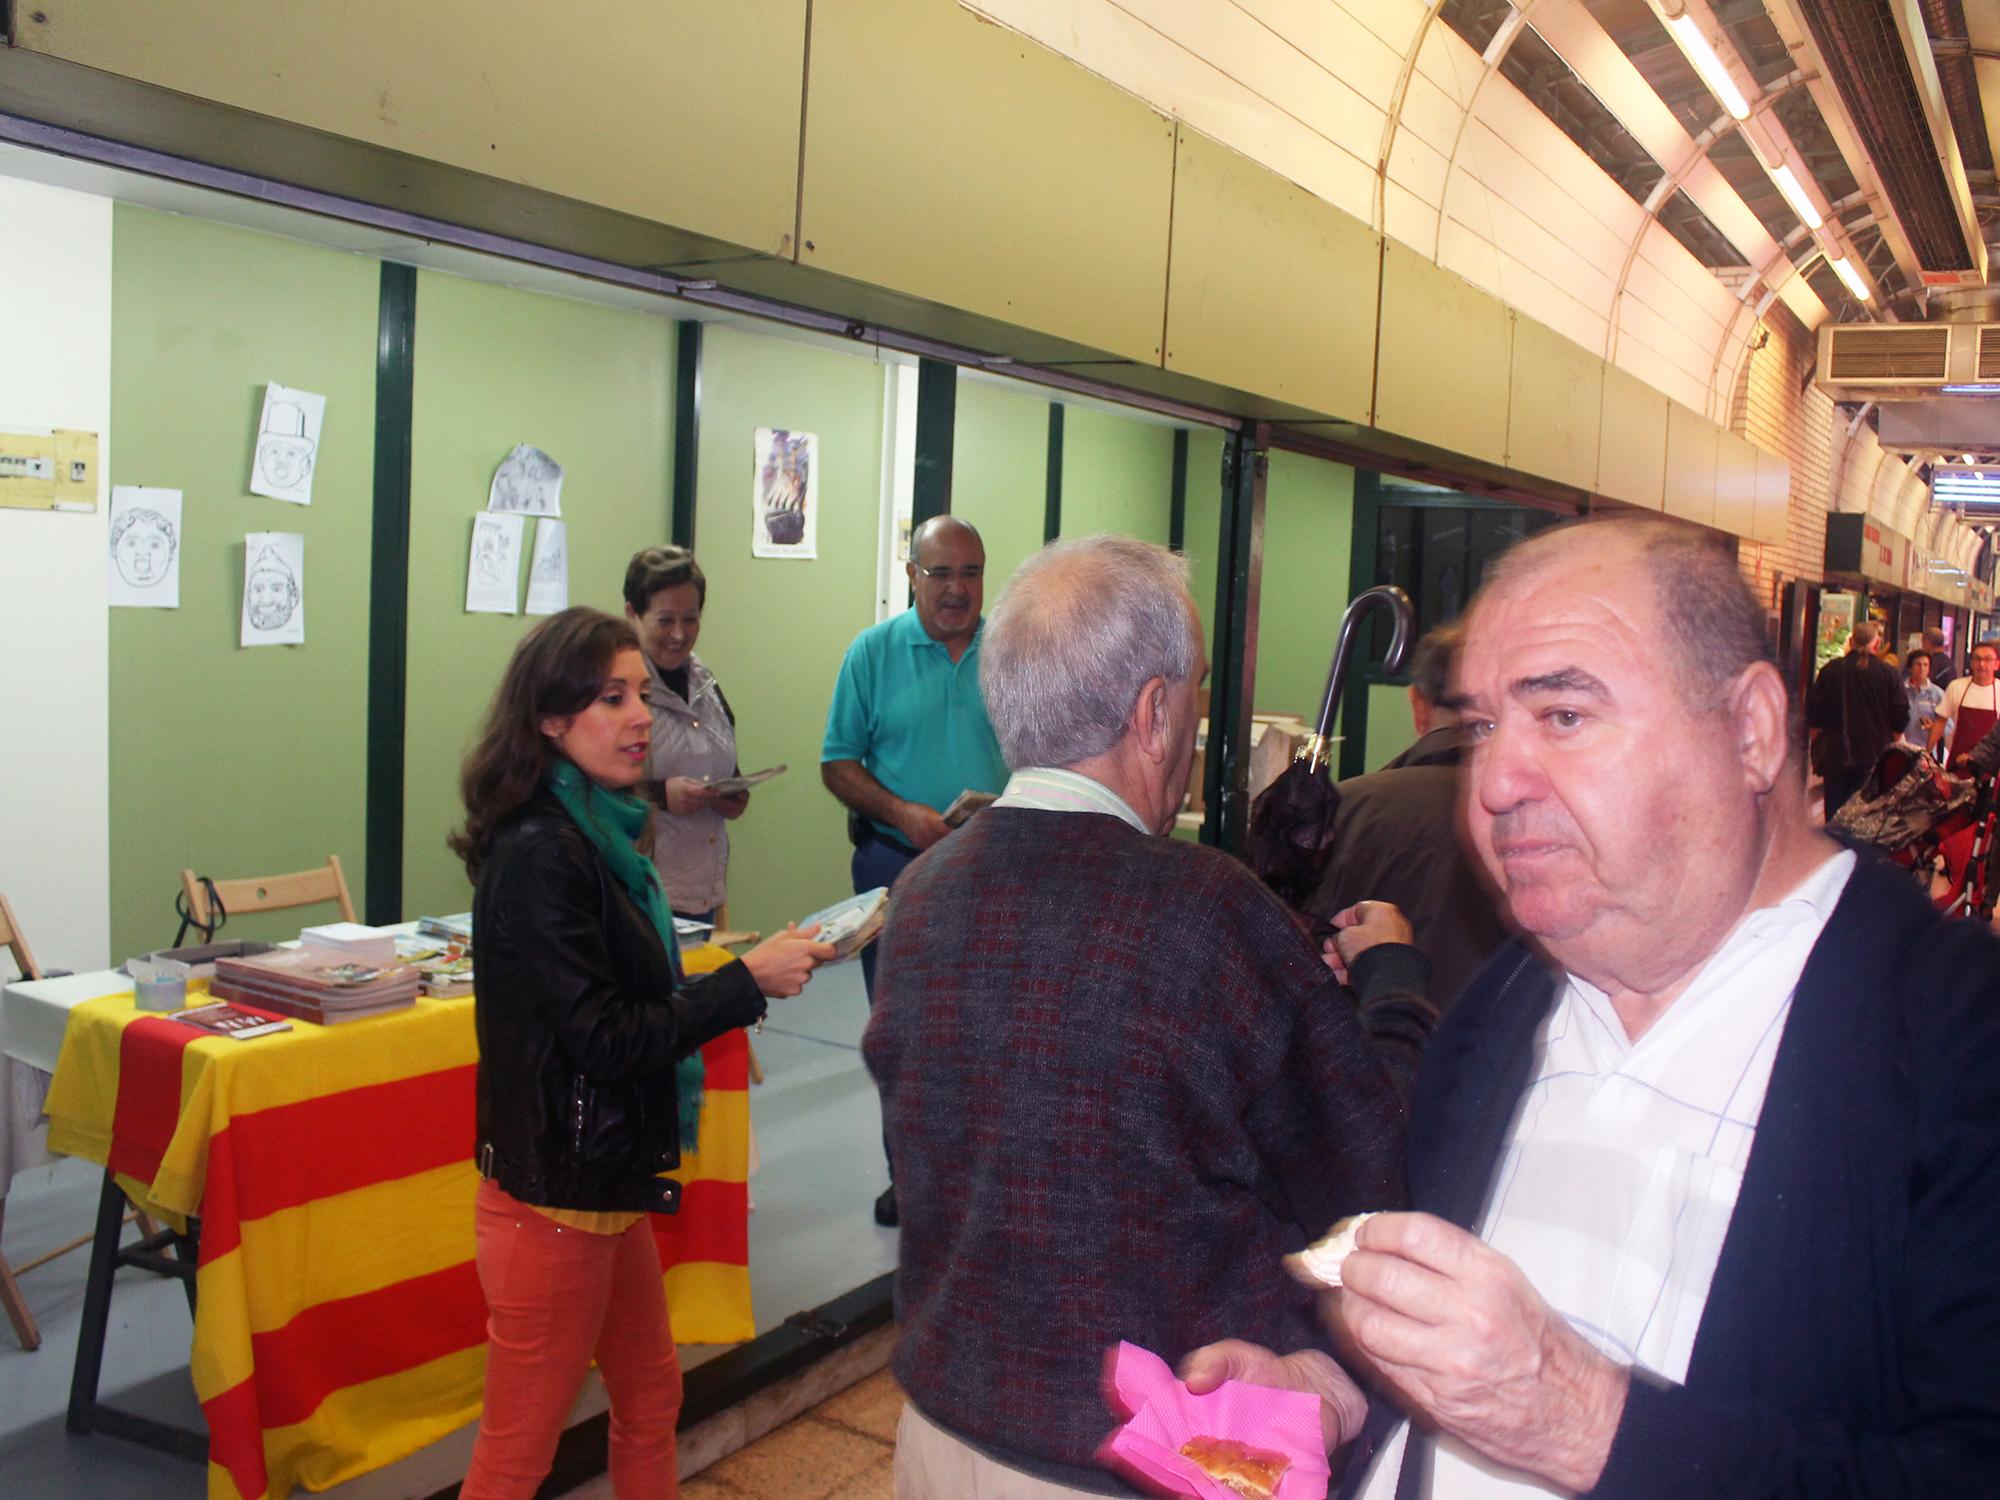 AICAR-ADICAE reivindica los derechos de todos los consumidores en una campaña con motivo de la celebración del Día Mundial de la Alimentación en el Mercado Central de Zaragoza. 'Haz el mundo sostenible: Aliméntate con responsabilidad'.